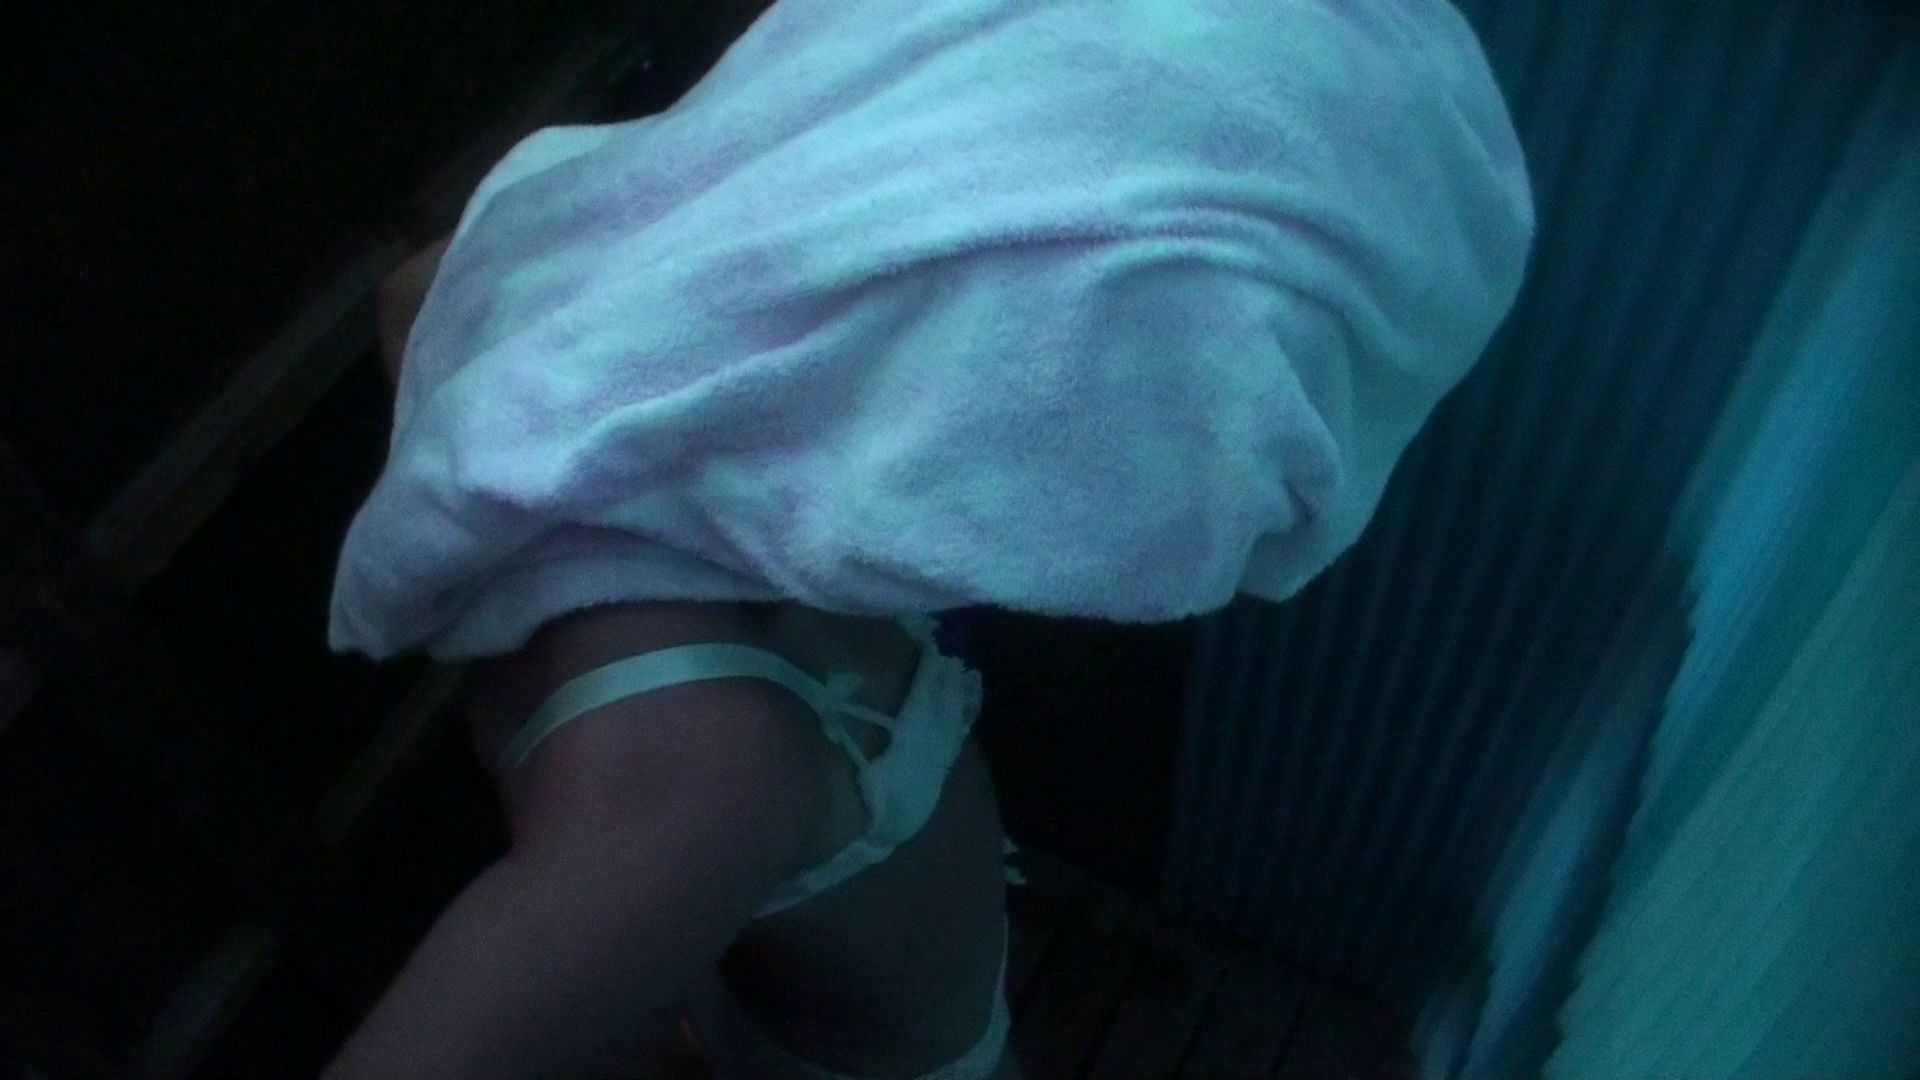 シャワールームは超!!危険な香りVol.26 大学生風美形ギャル 暗さが残念! シャワー すけべAV動画紹介 103PIX 23